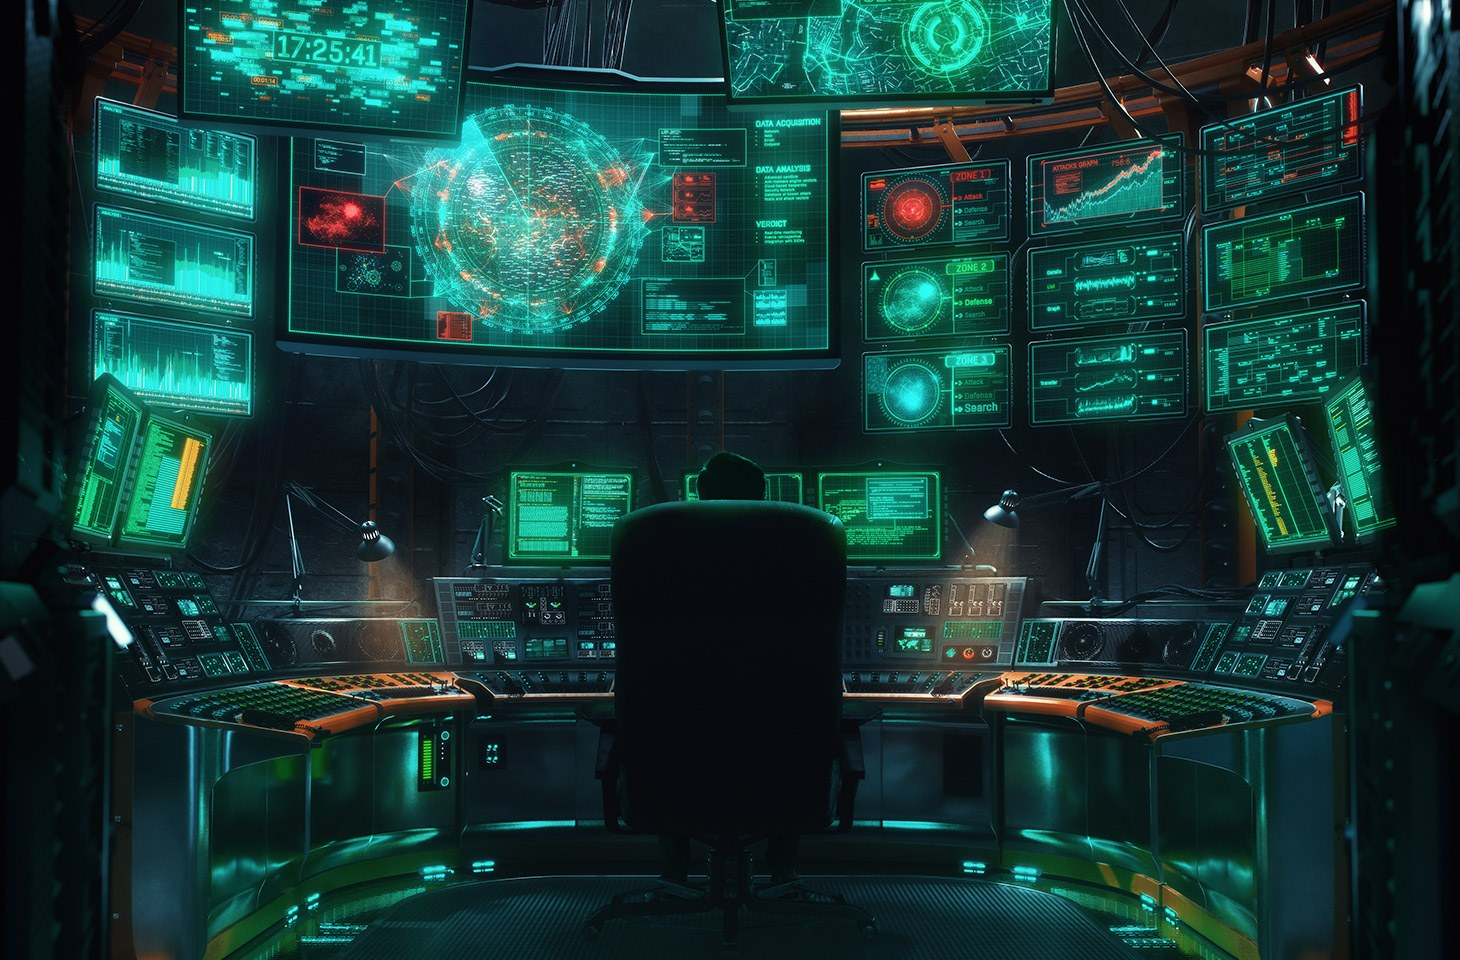 Biến thanh RAM thành đầu phát Wifi, hacker ăn trộm được dữ liệu cả trong các máy tính không kết nối mạng